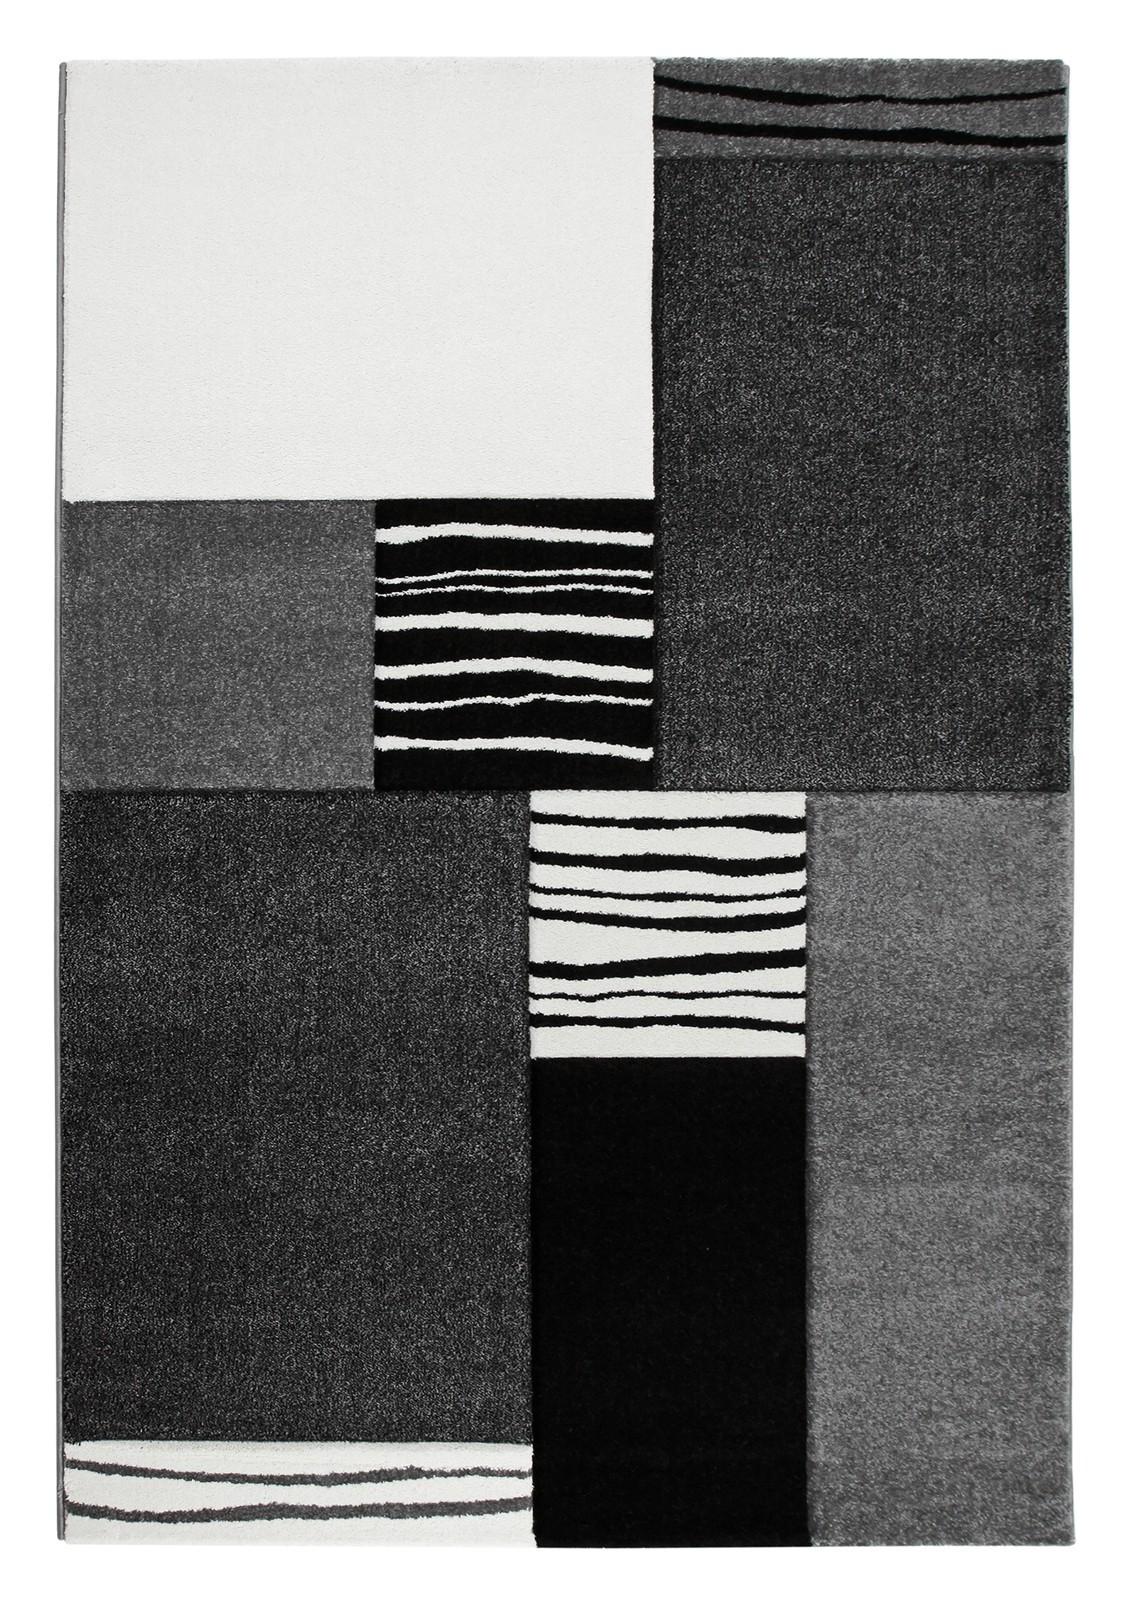 tapis designer tiss plat d coratif 100 polypropylene broth 13. Black Bedroom Furniture Sets. Home Design Ideas